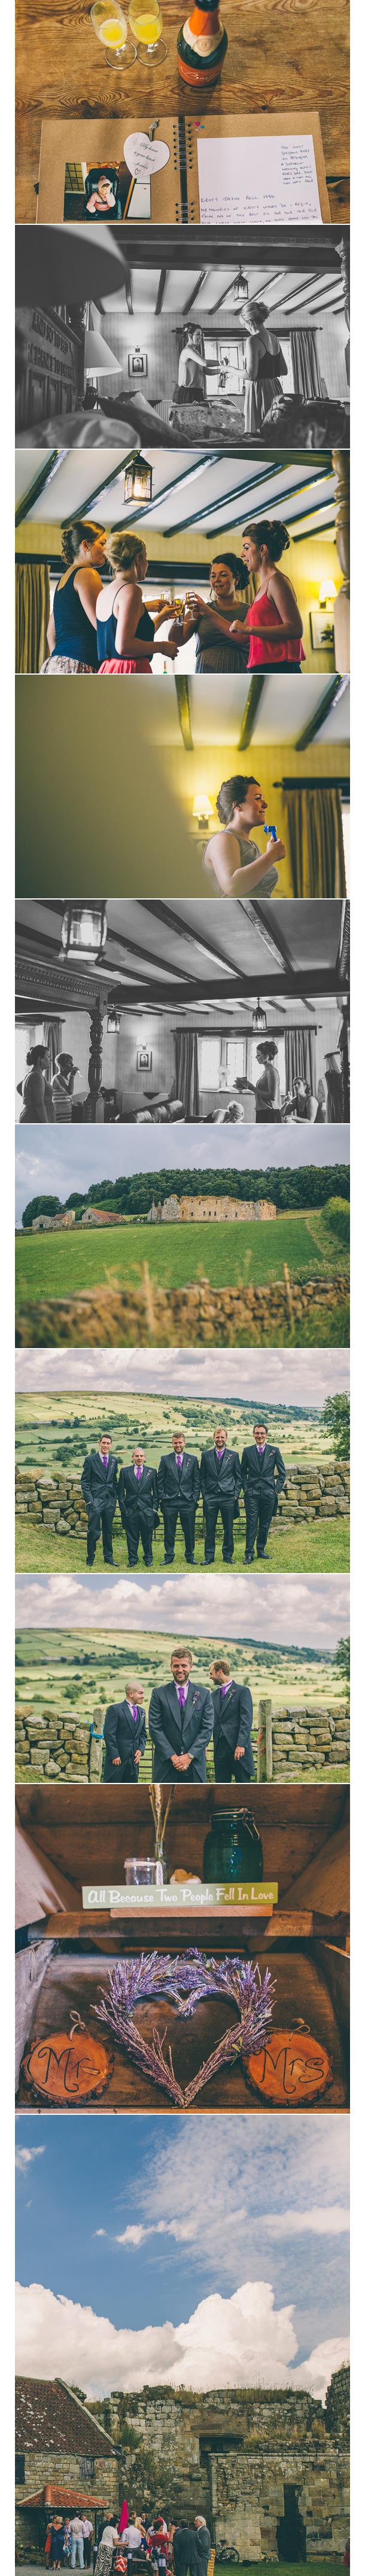 NeilJacksonPhotographicScarboroughYorkYorkshireWeddingPhotographerKirsty&JamesDanbyCastleWhitbyWeddingBlog2